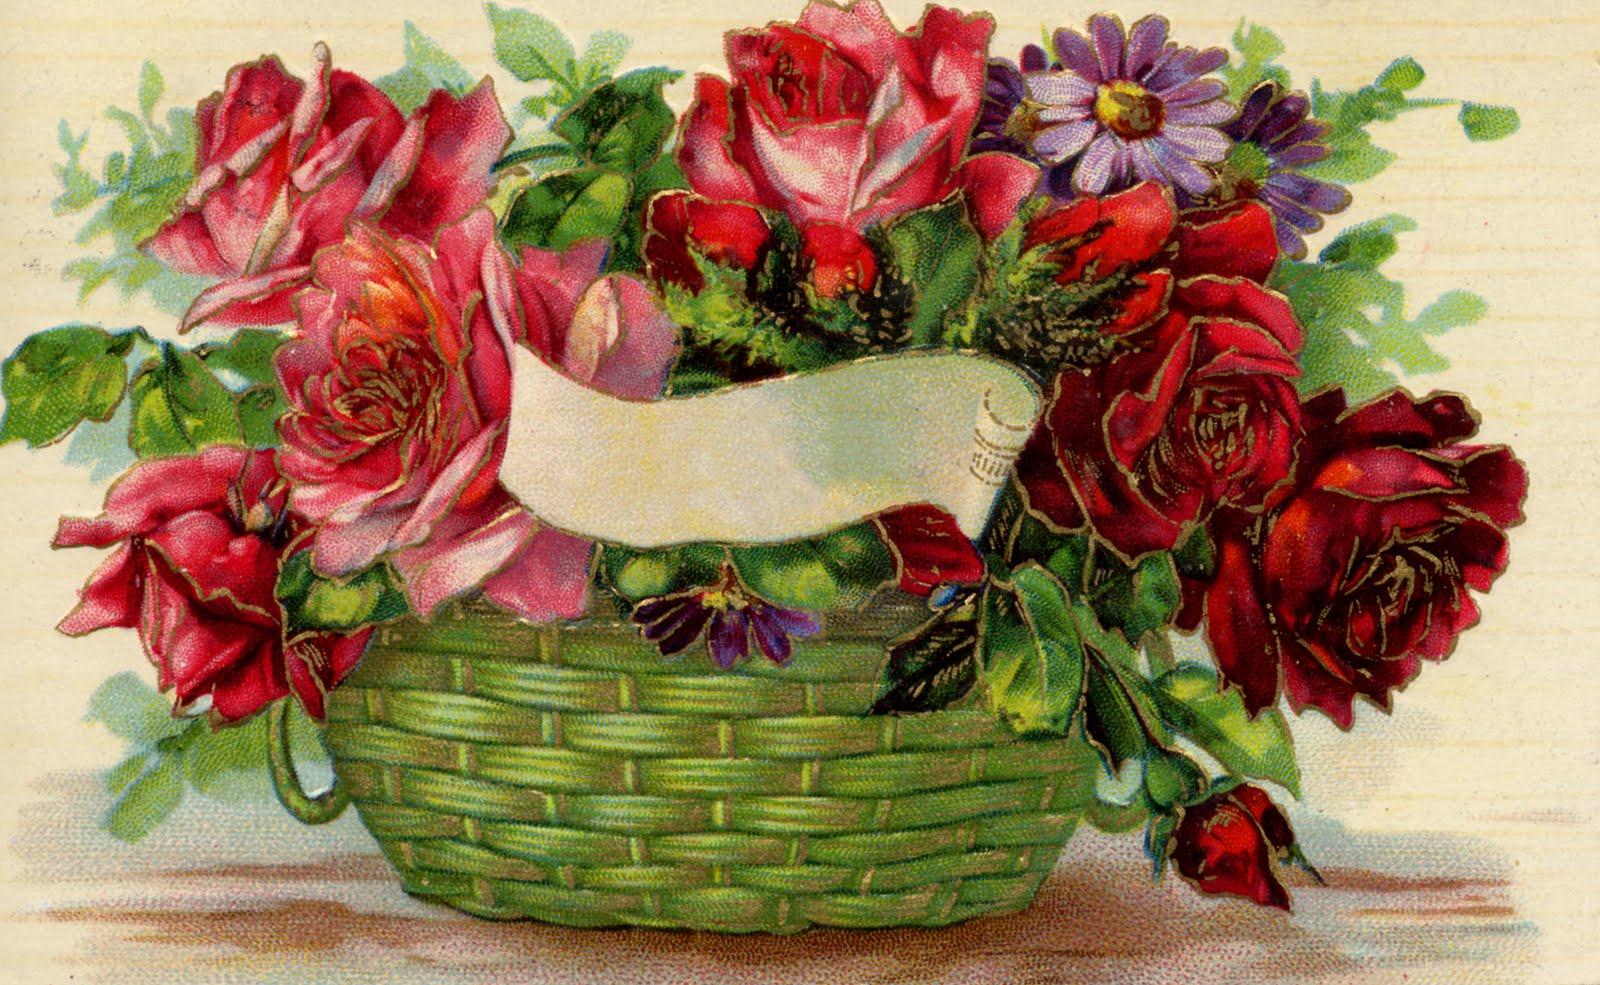 http://2.bp.blogspot.com/-HbzNKRI-j8g/TrDo75diFLI/AAAAAAAAKvA/ITtfU2BV0xM/s1600/Postcard+%252368.jpg